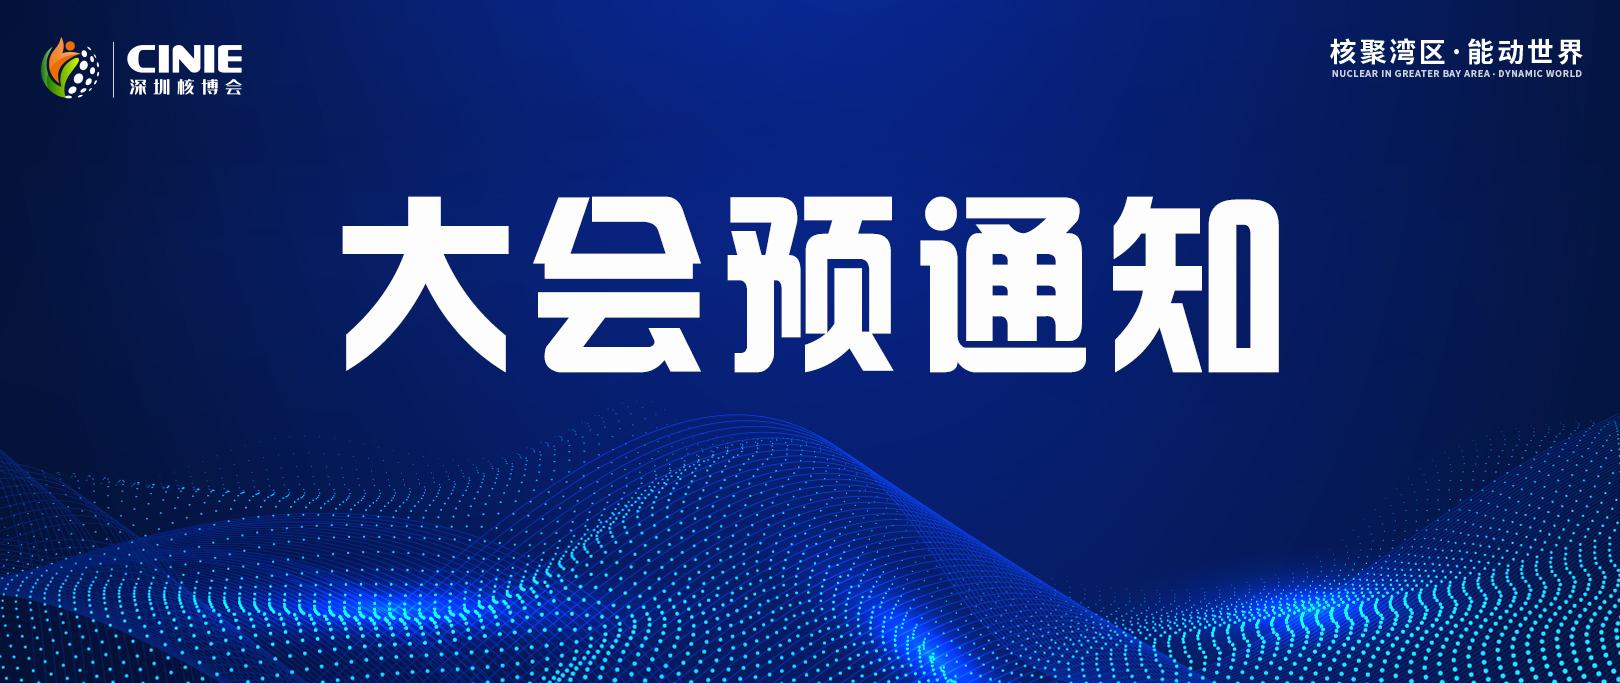 关于召开2021深圳核博会的预通知